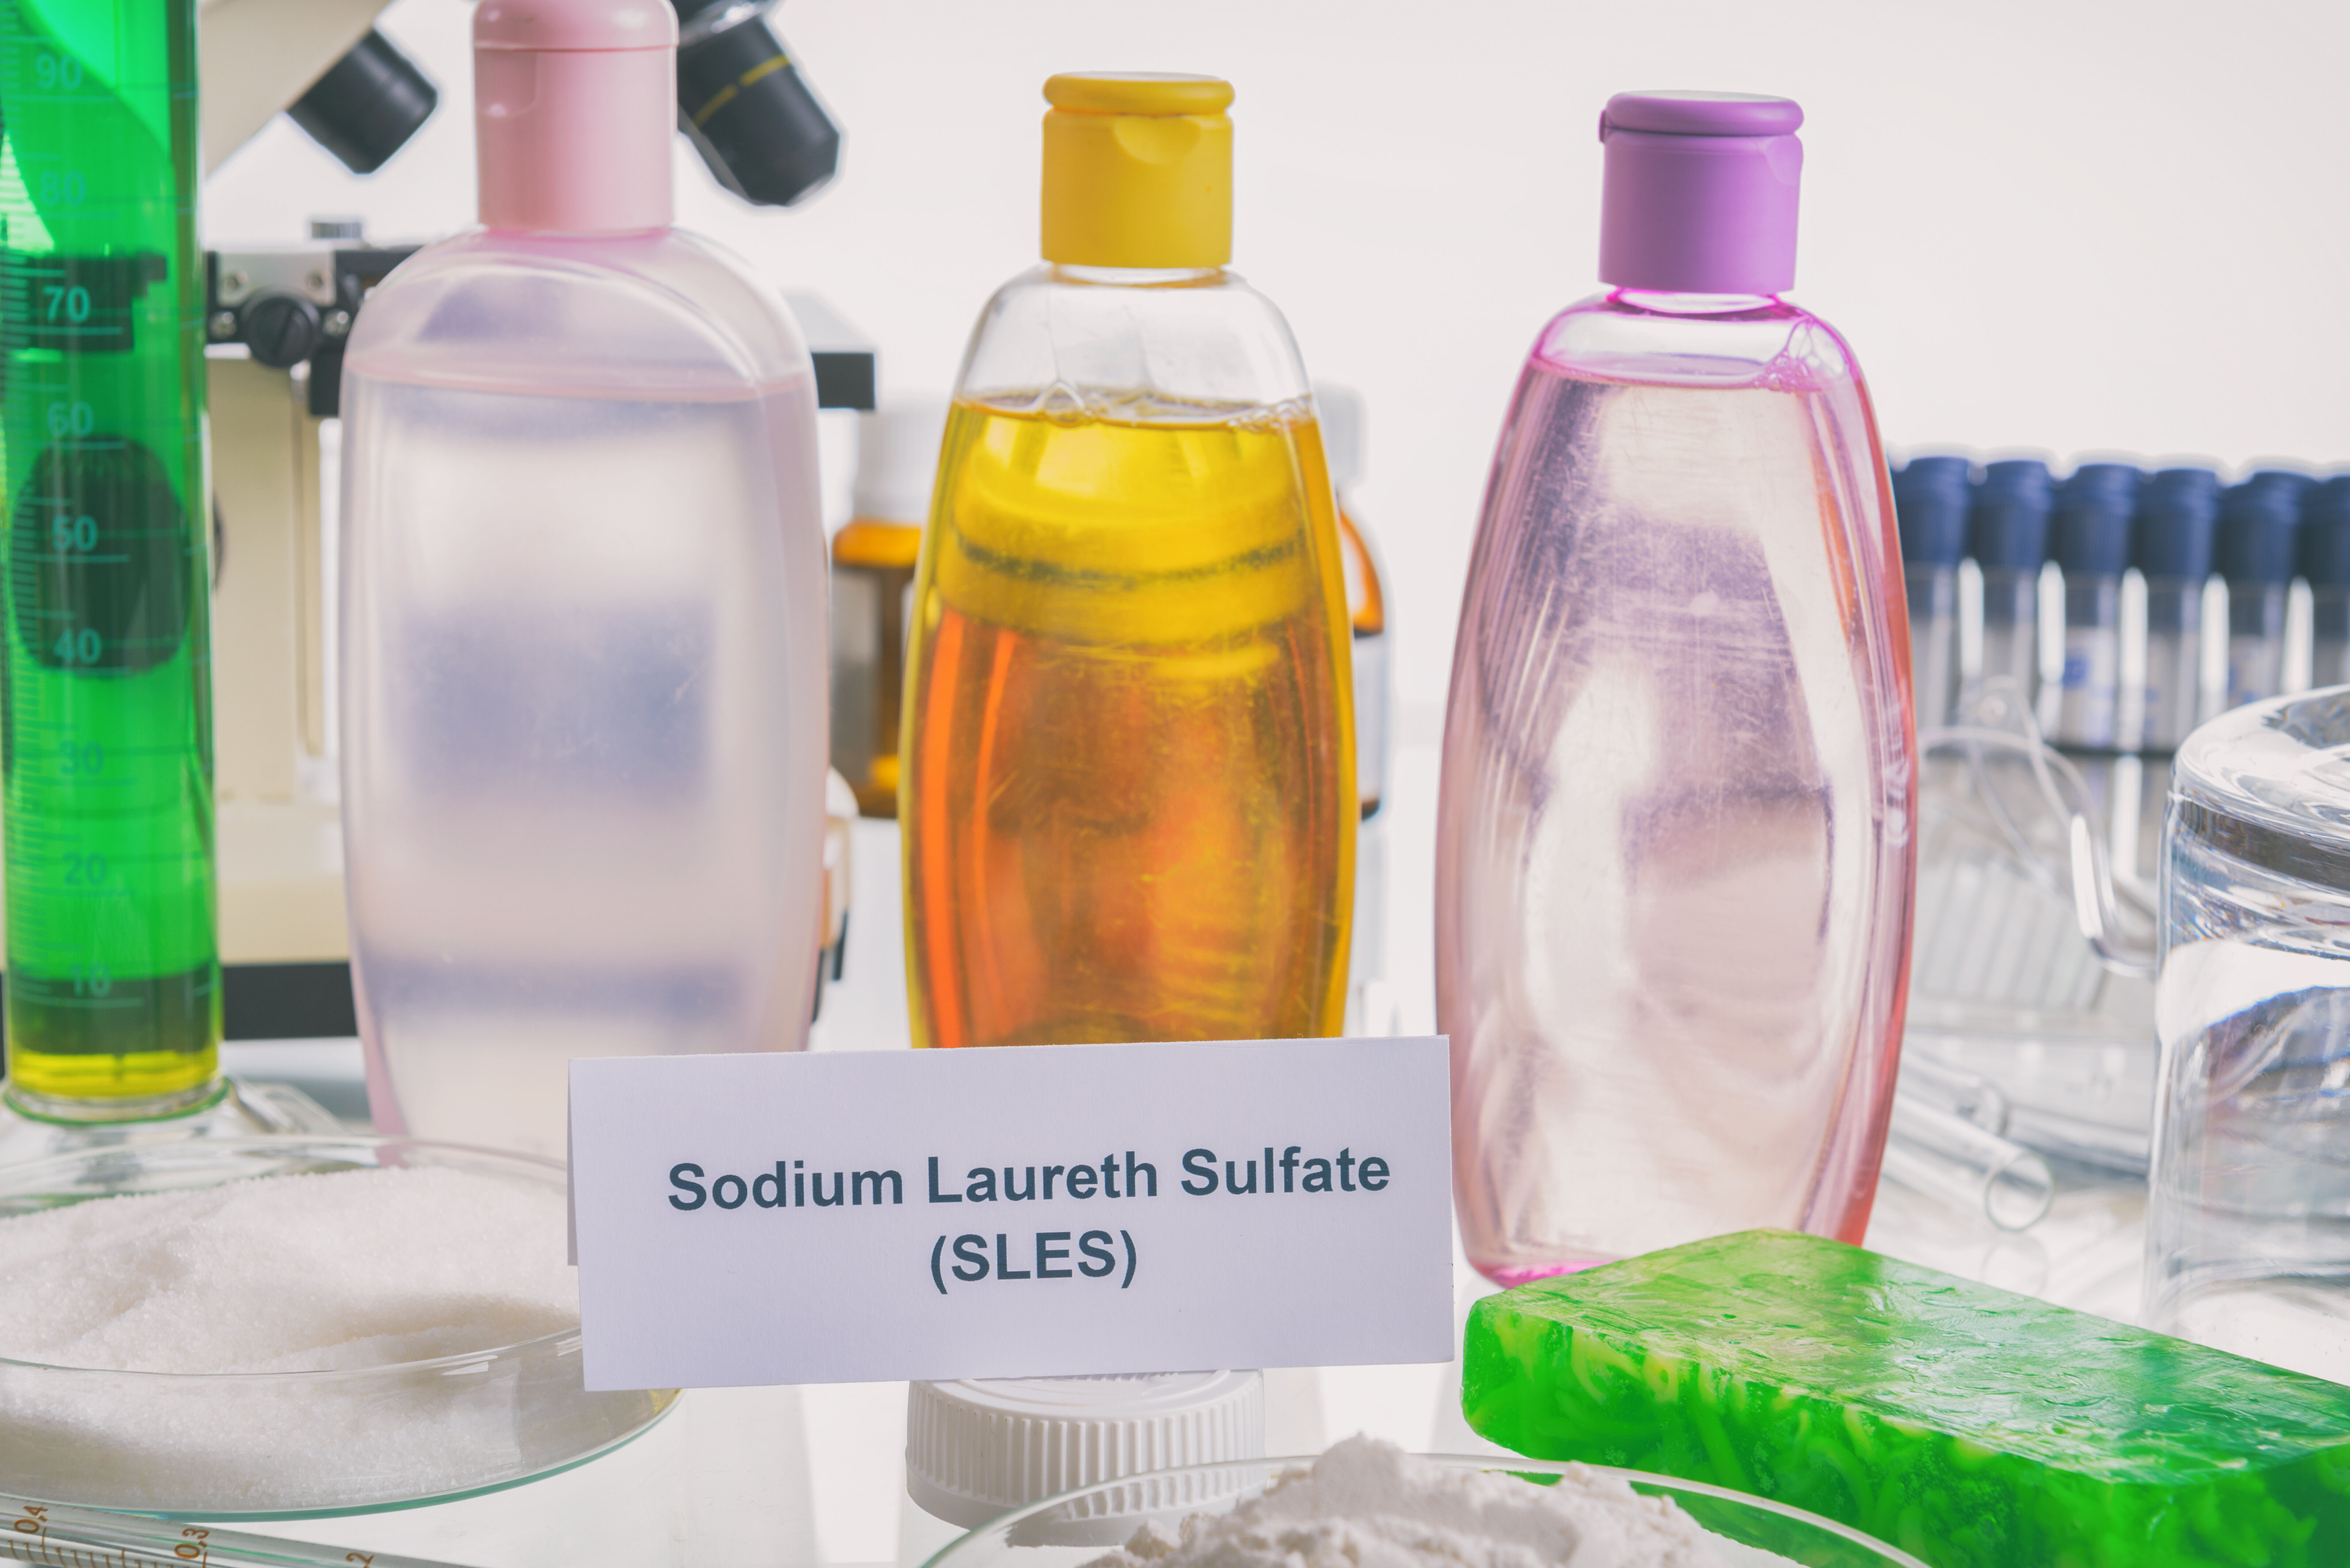 Cosmetics groups